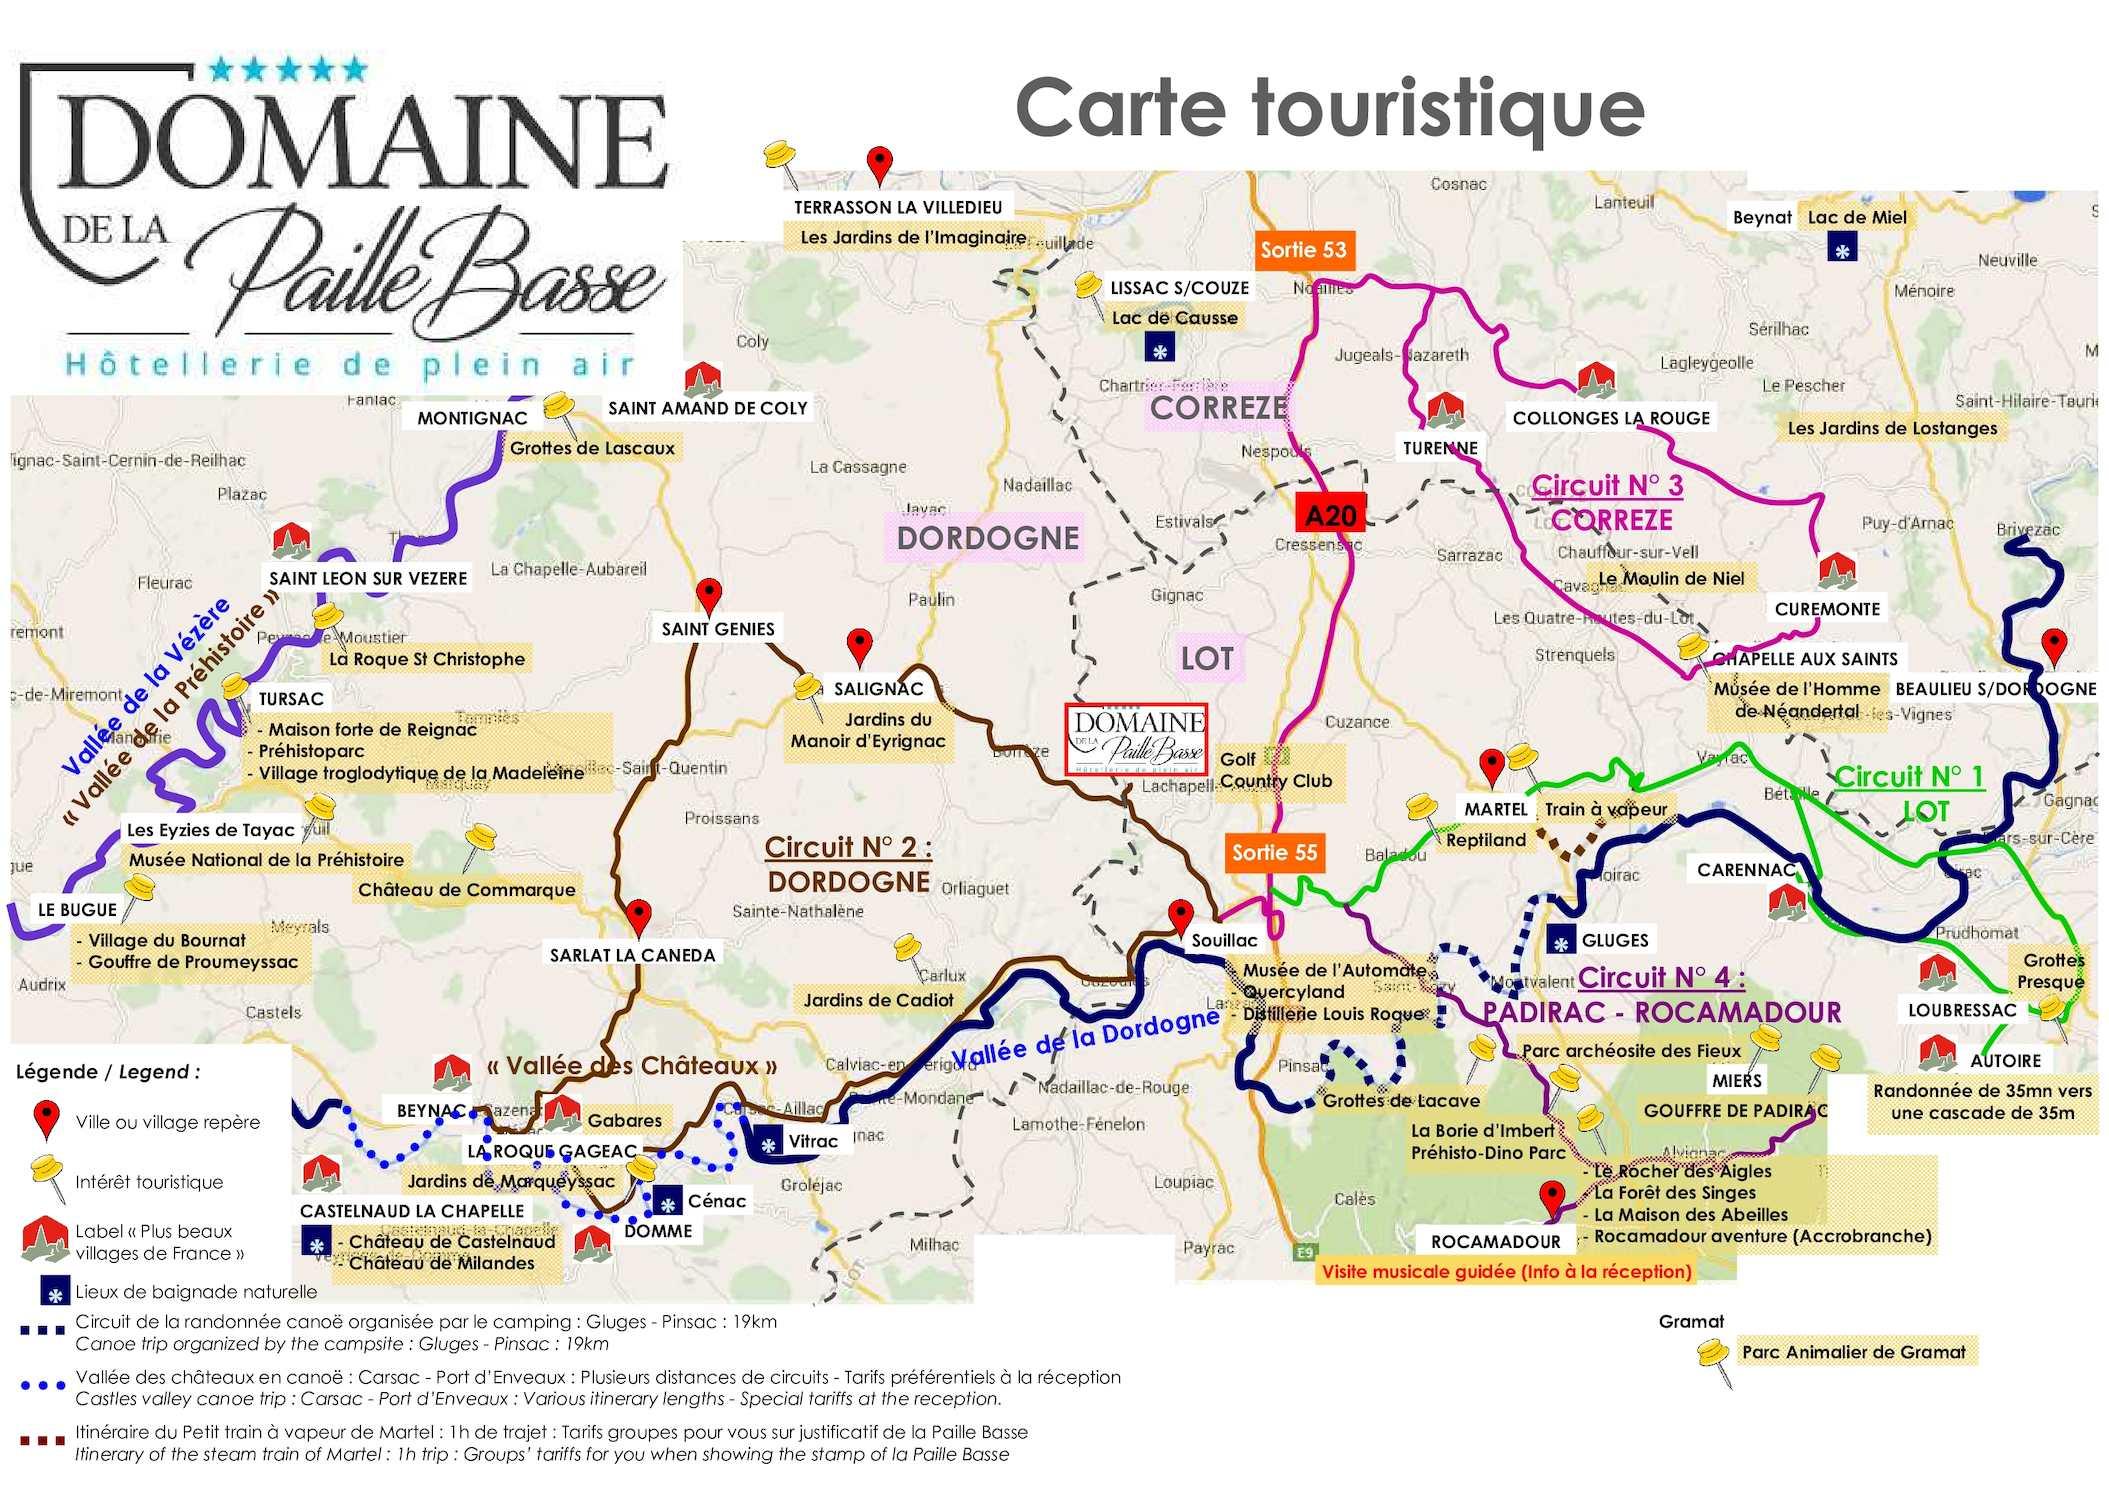 Calaméo - Carte Touristique de La Paille Basse